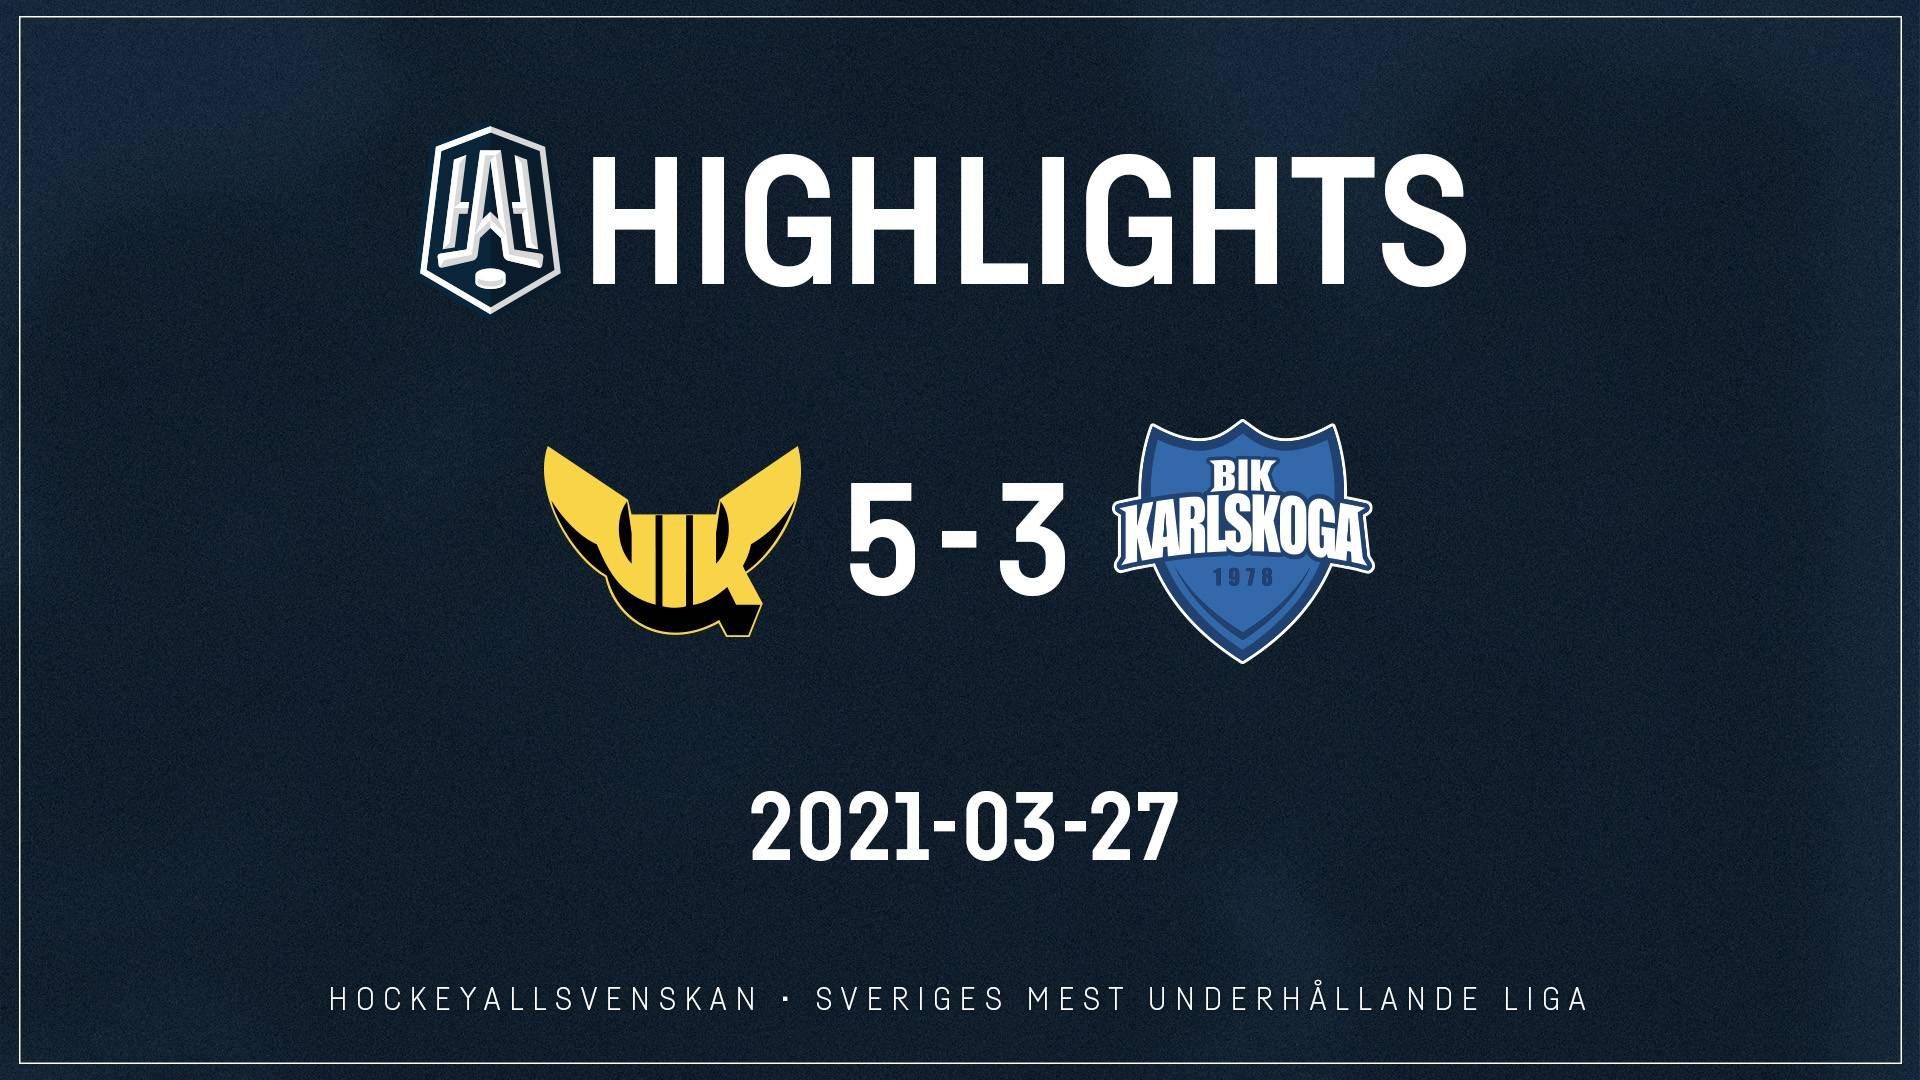 2021-03-27 Västerås - Karlskoga 5-3